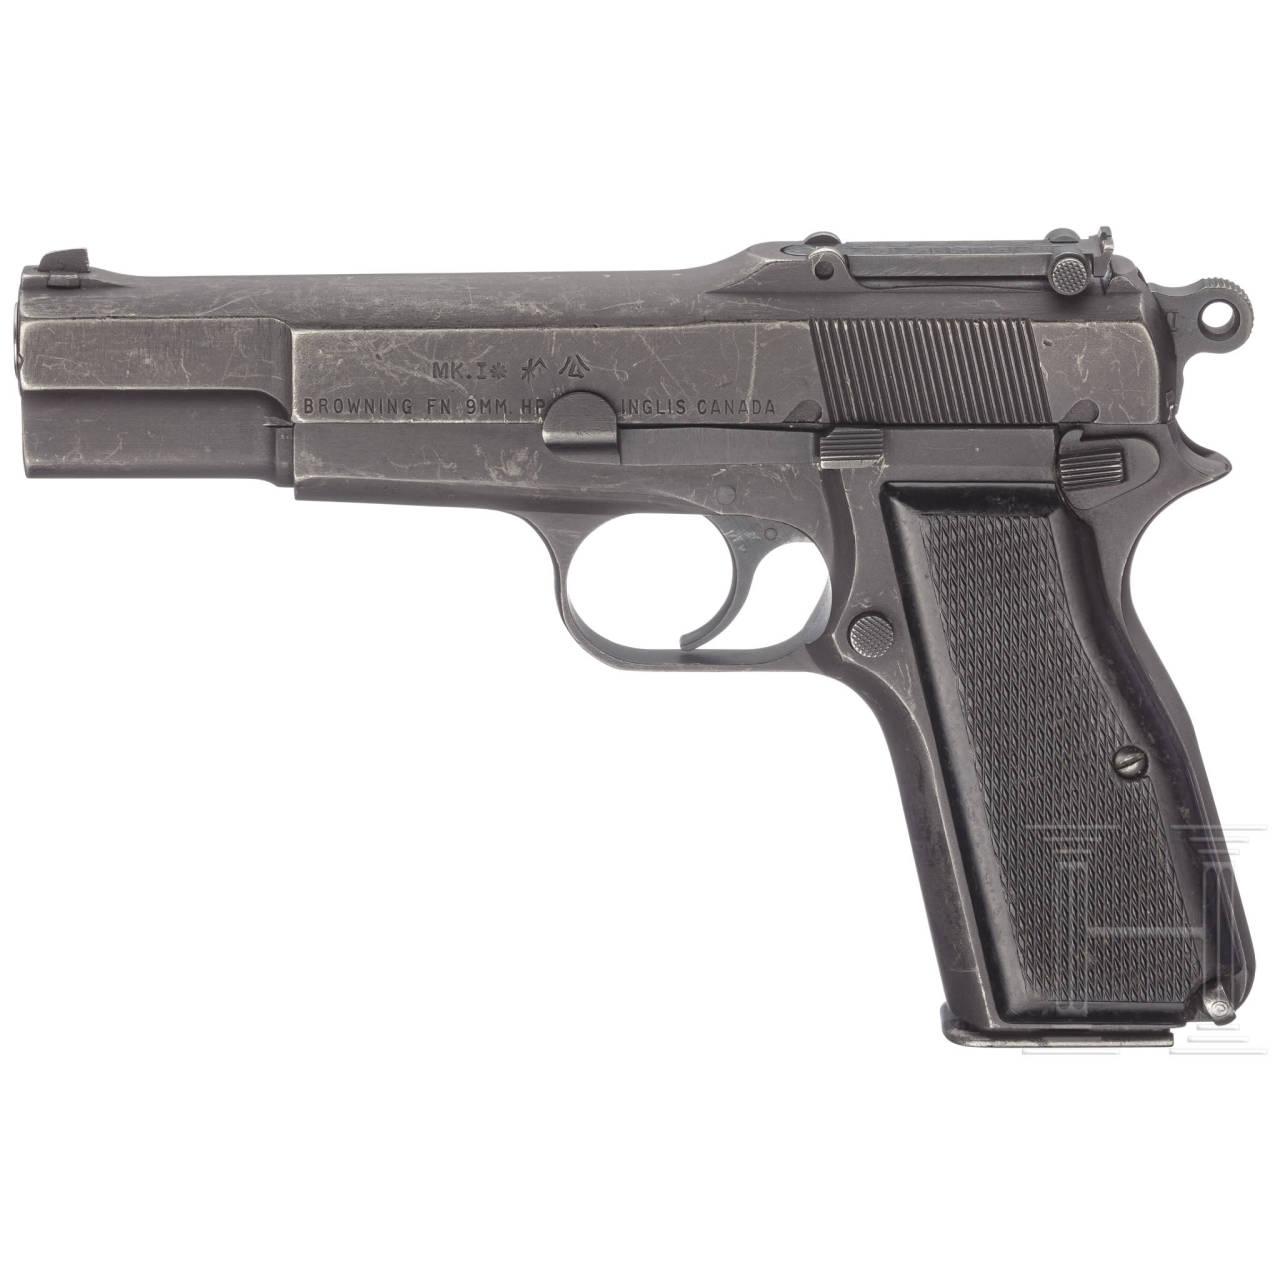 A Browning Inglis No. 1 Mk I*